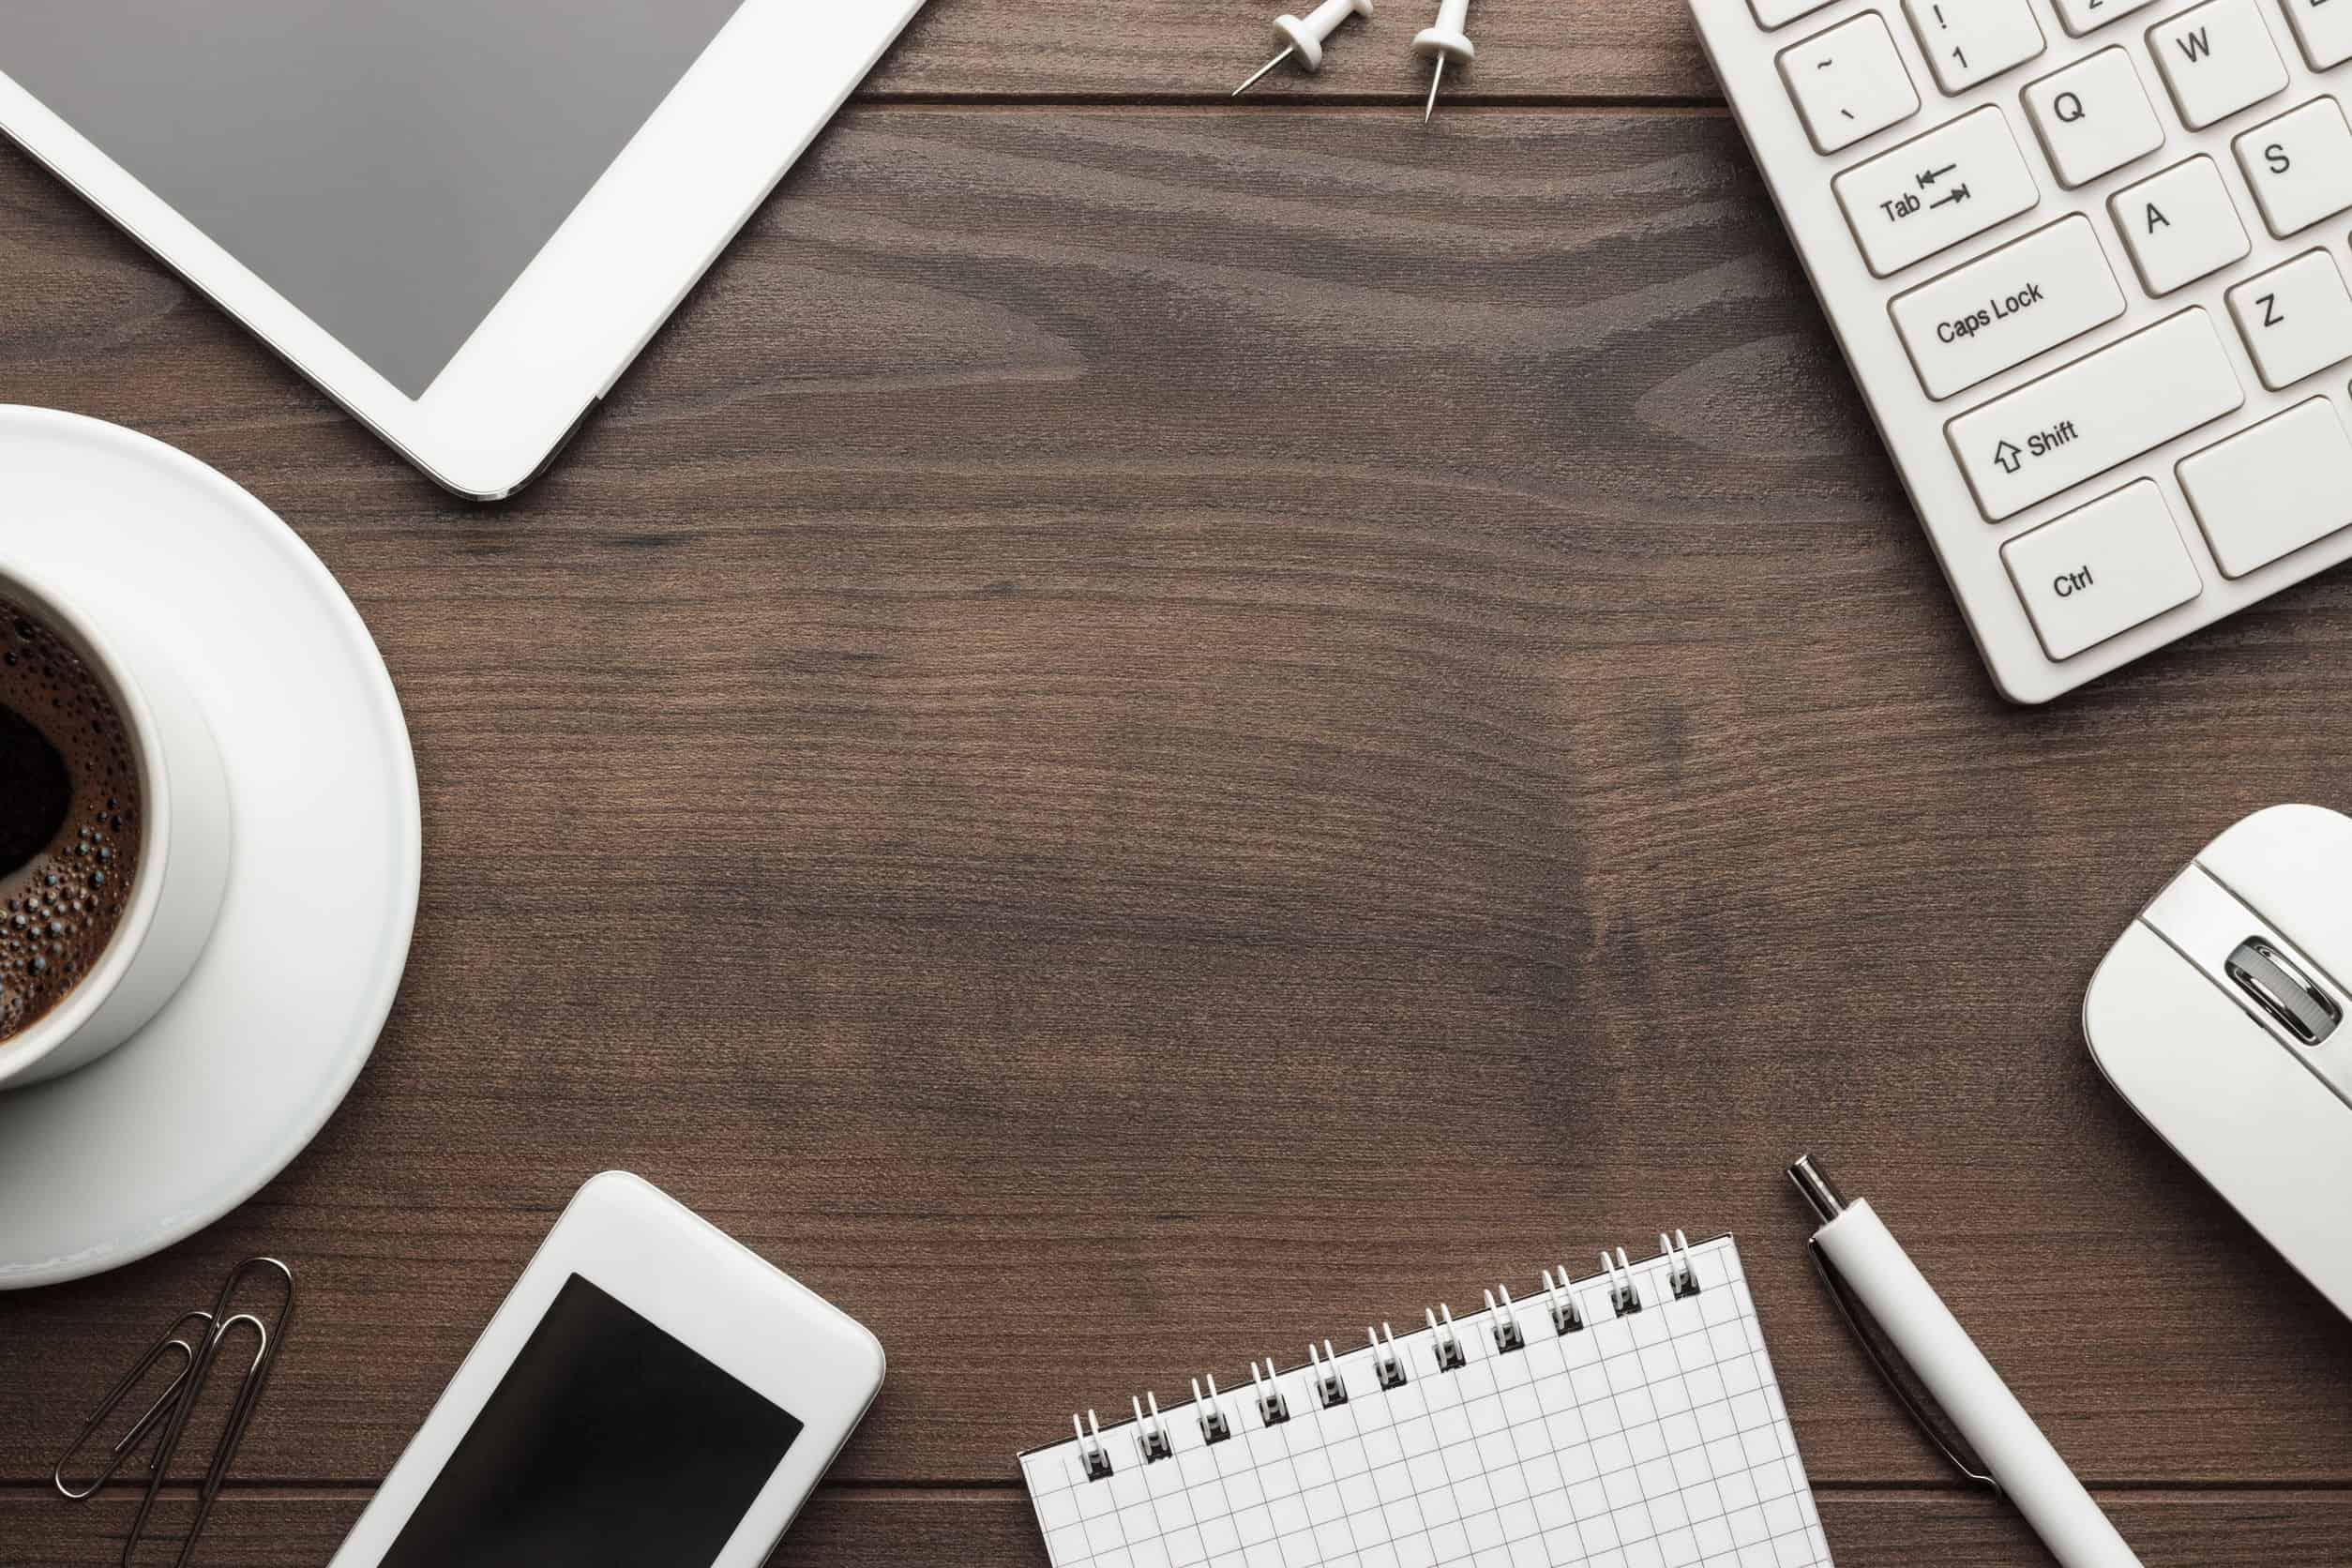 PC Schreibtisch: Test & Empfehlungen (07/20)